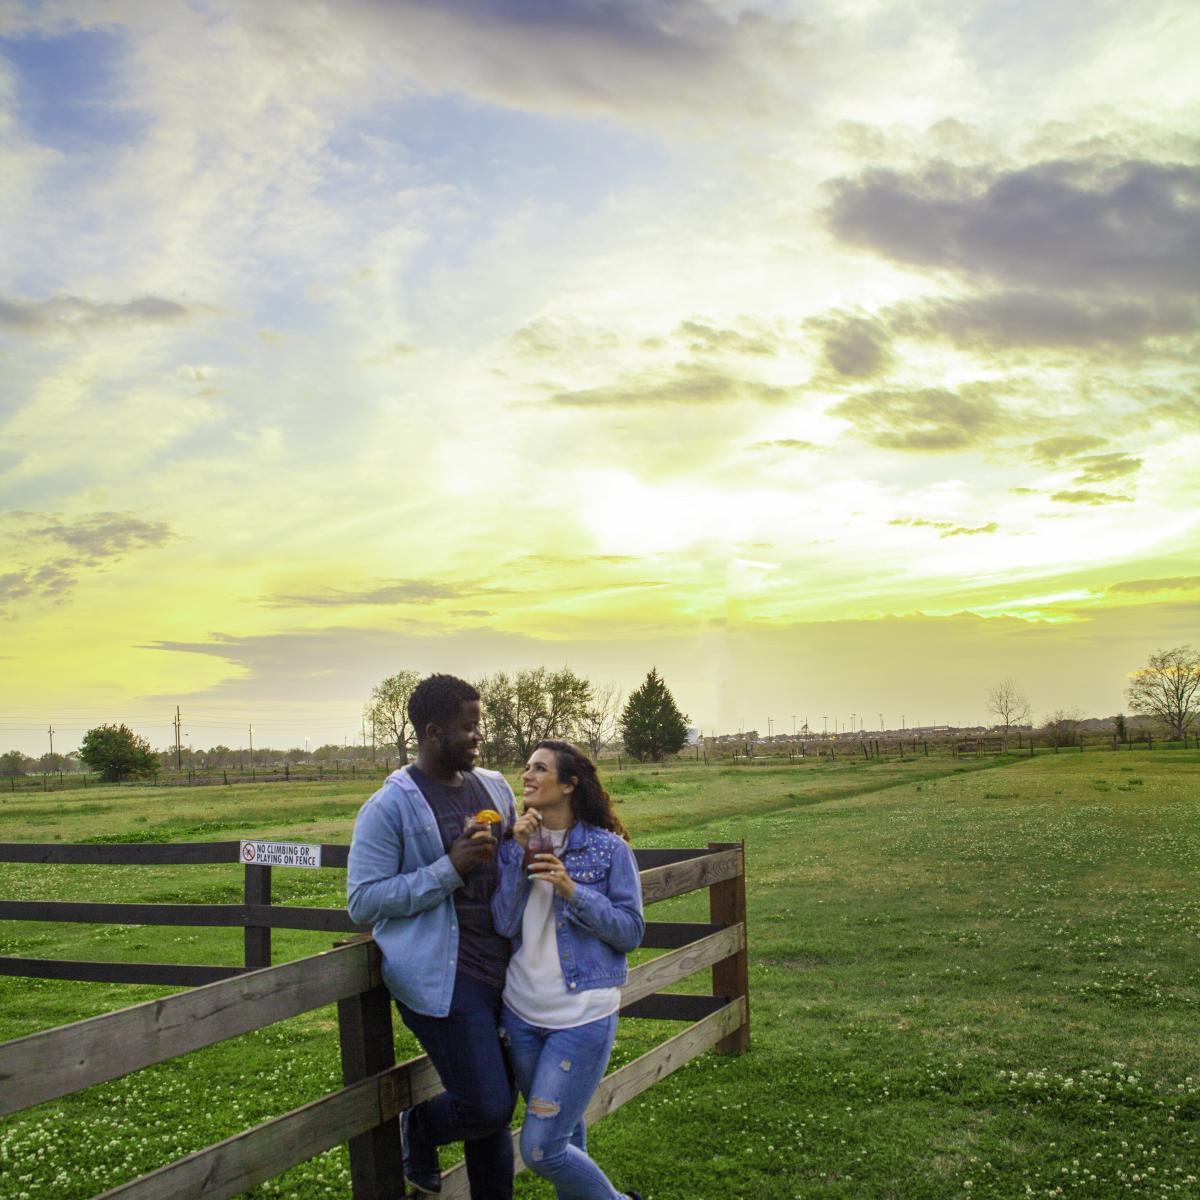 Amelia sunset couple